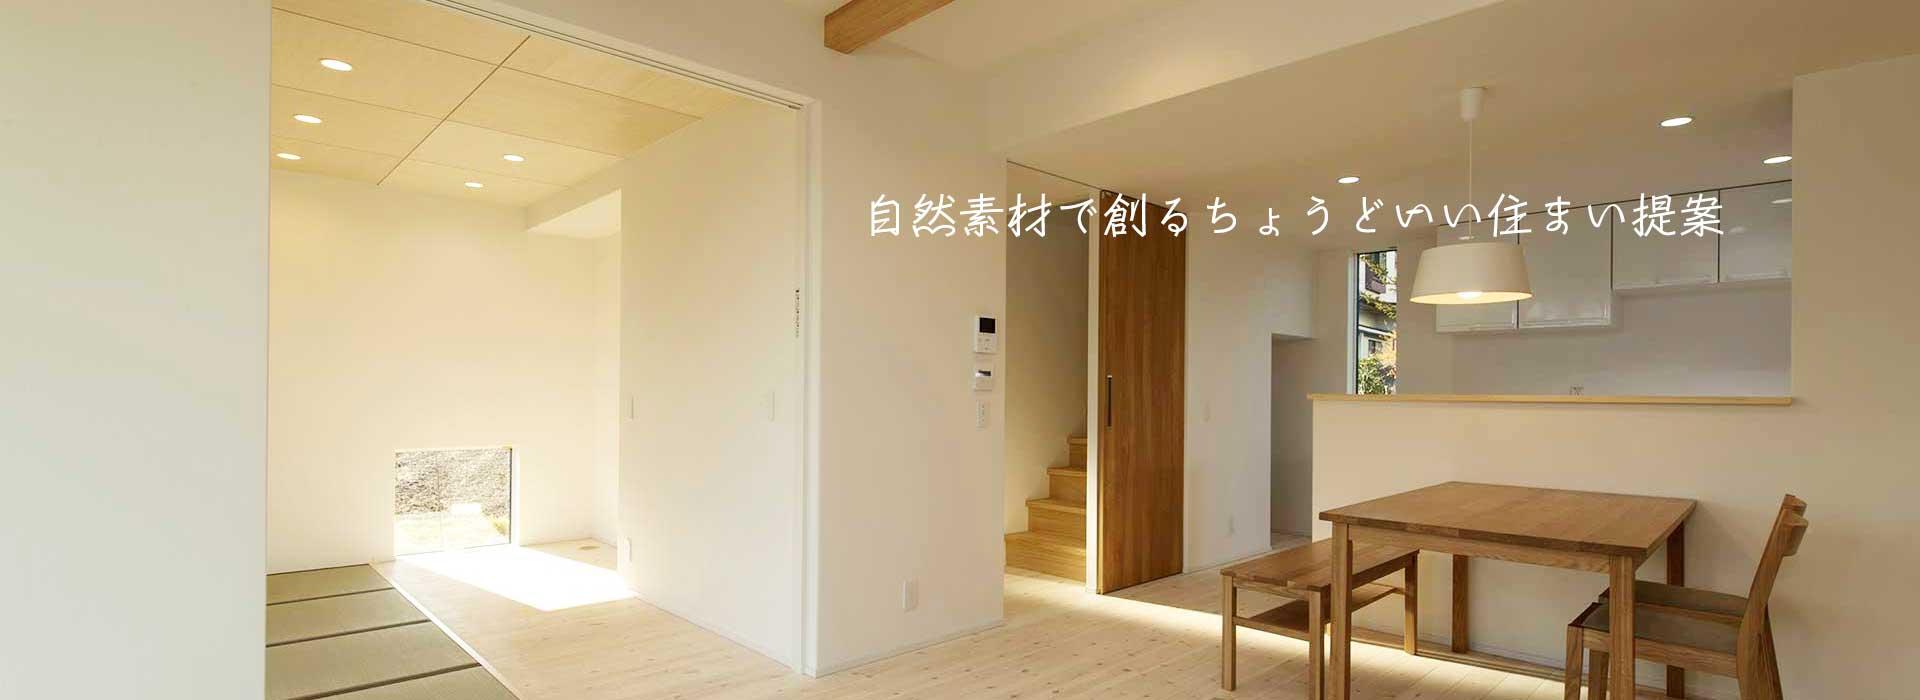 自然素材で創るちょうどいい住まい提案 | 八戸の新築 グリーンホームズ